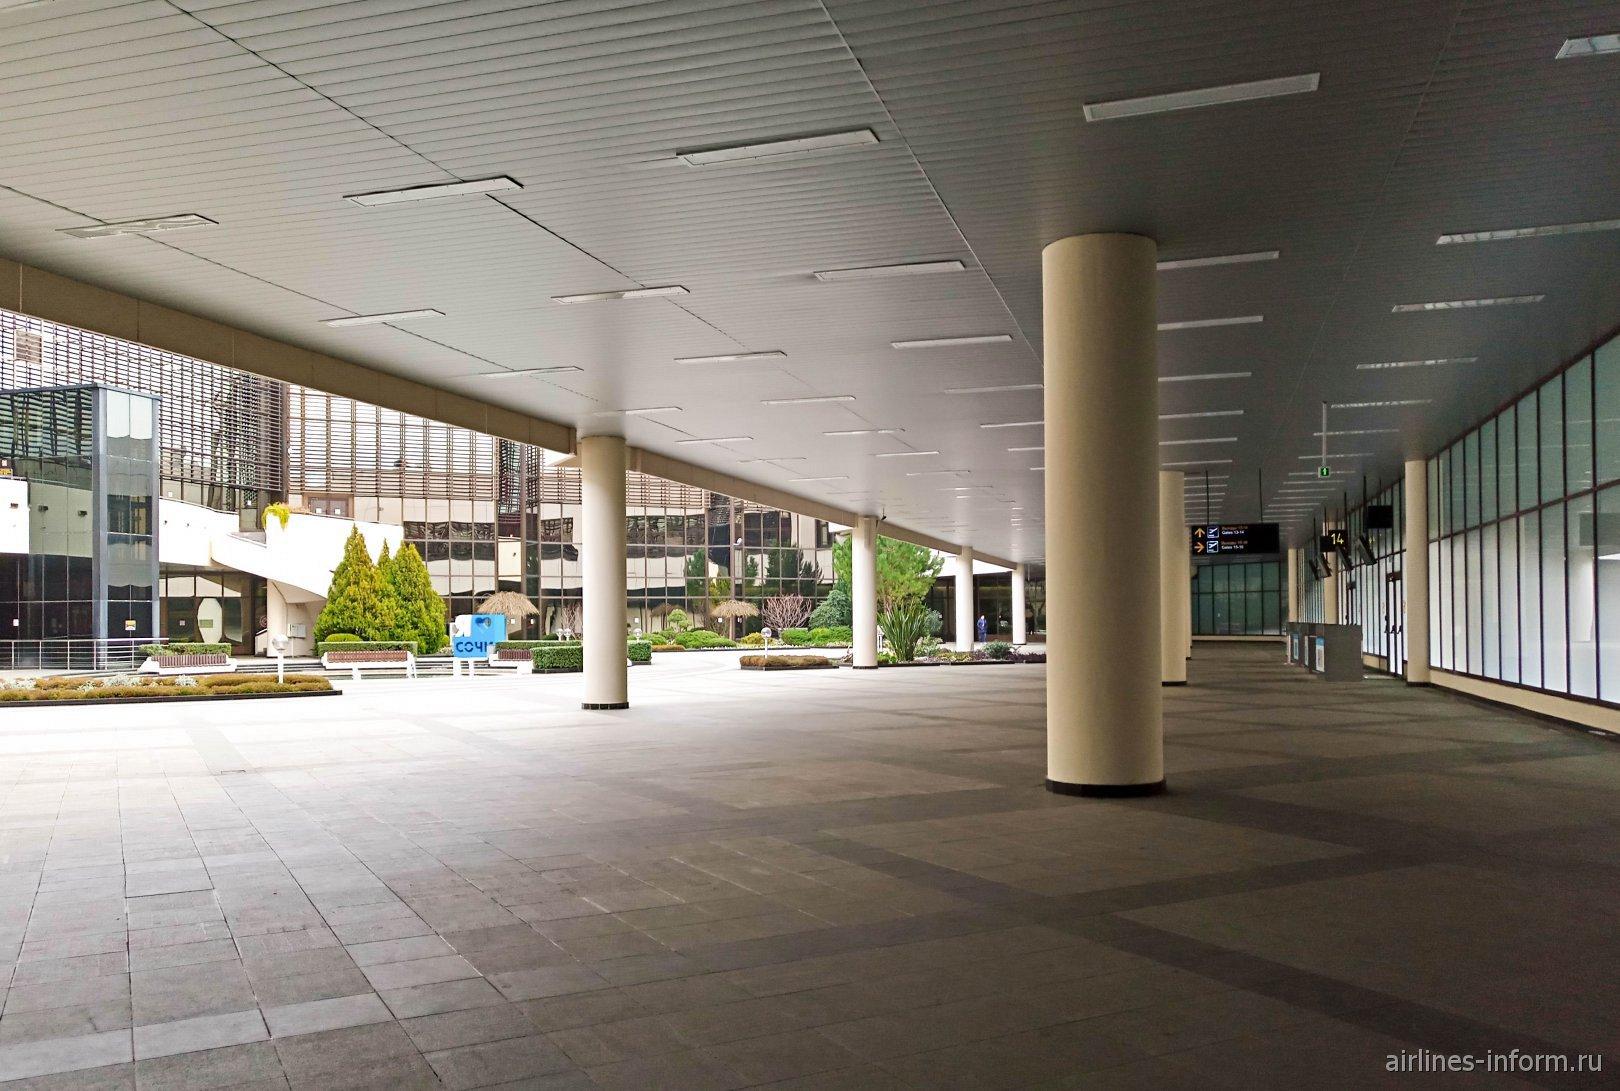 Зеленый дворик в аэропорту Сочи